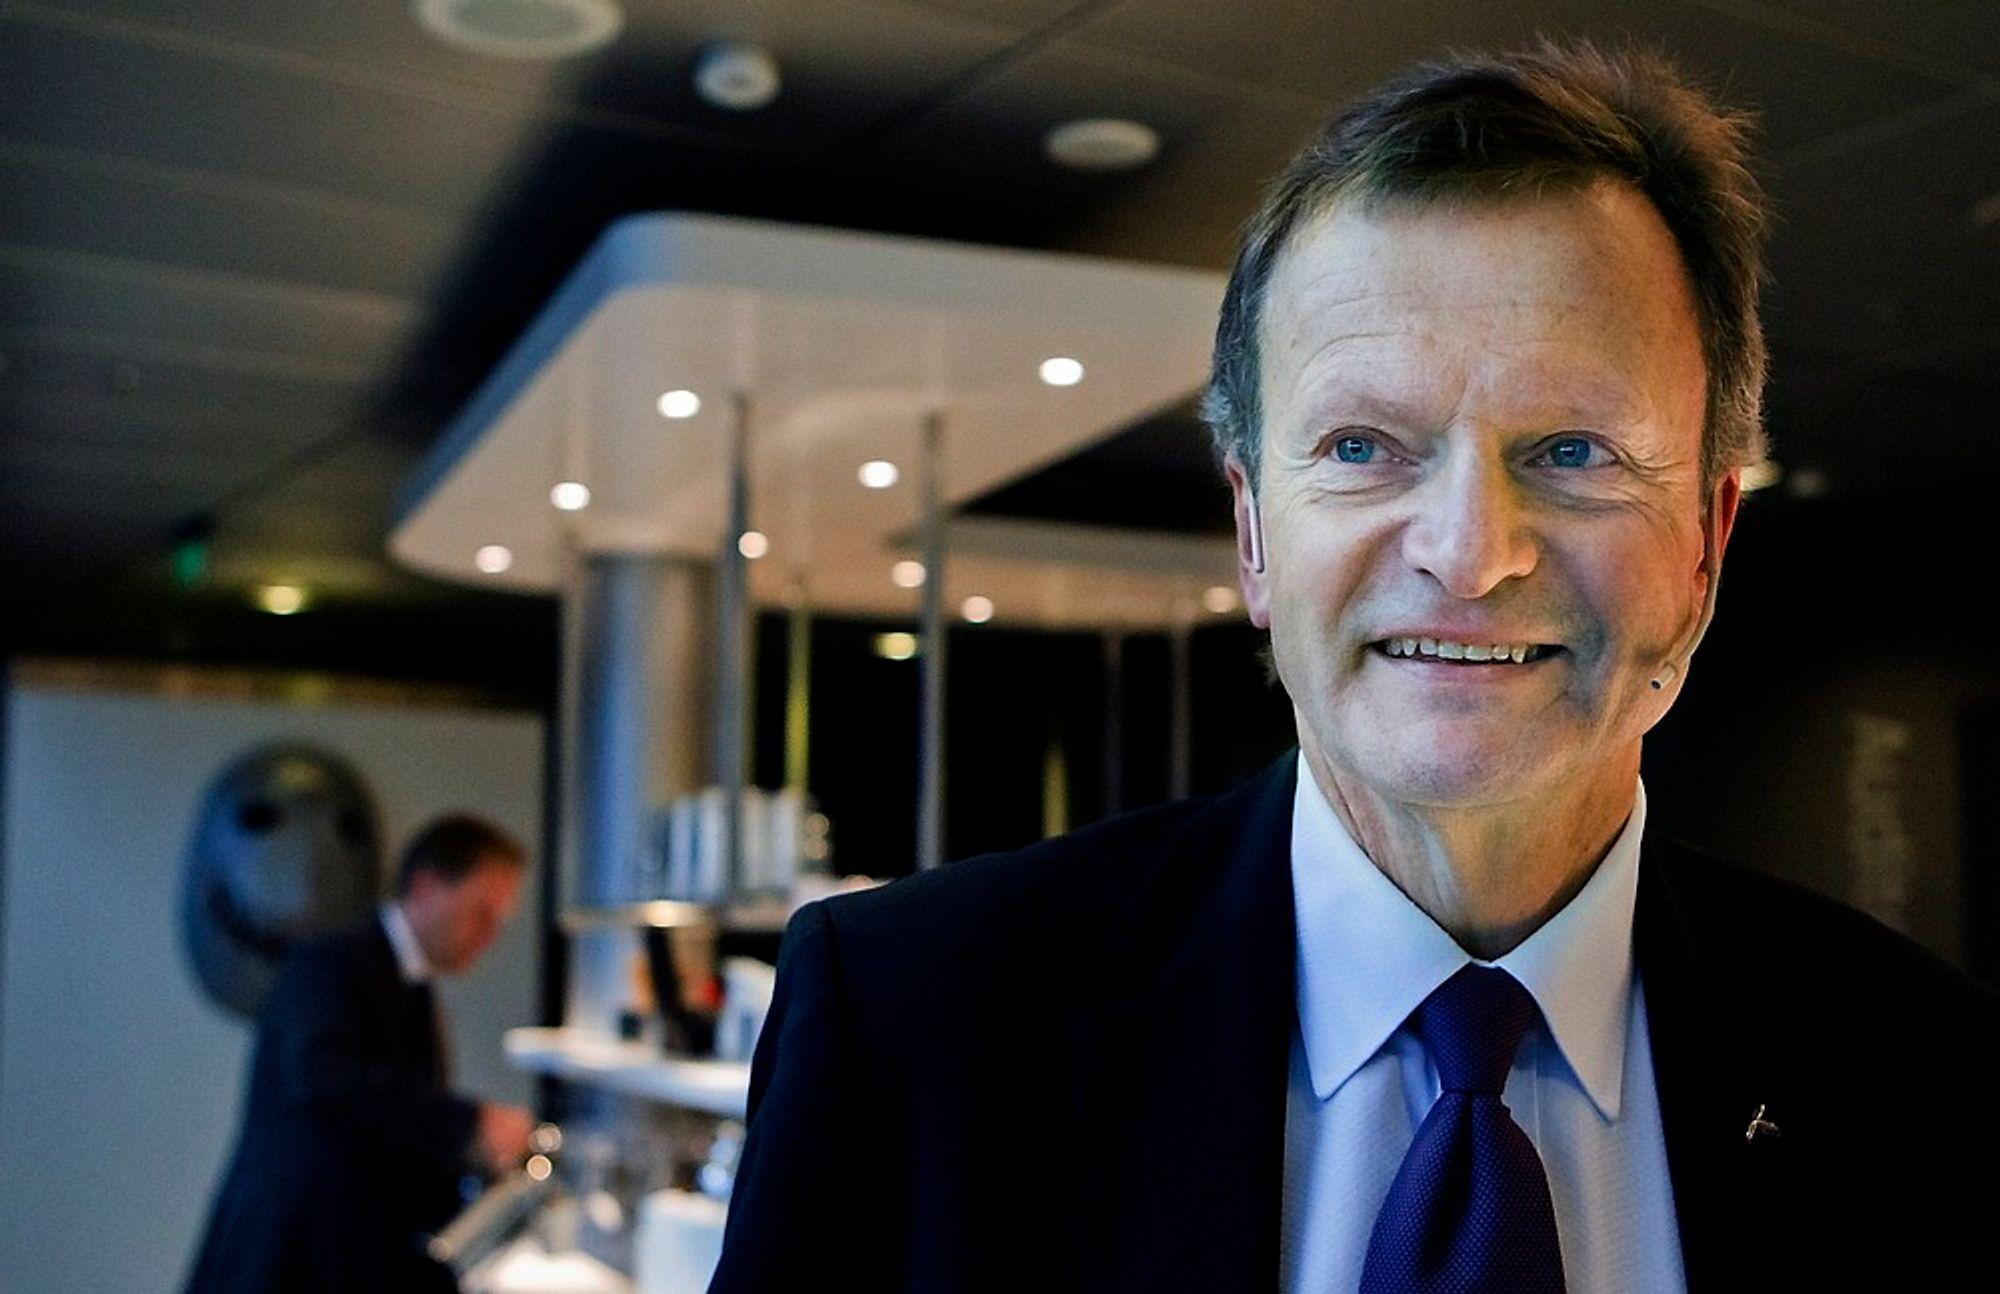 Konsernsjef Jon Fredrik Baksaas i Telenor kan notere seg for 29 millioner nye abonnenter i fjerde kvartal. 55000 av dem var i Norge.